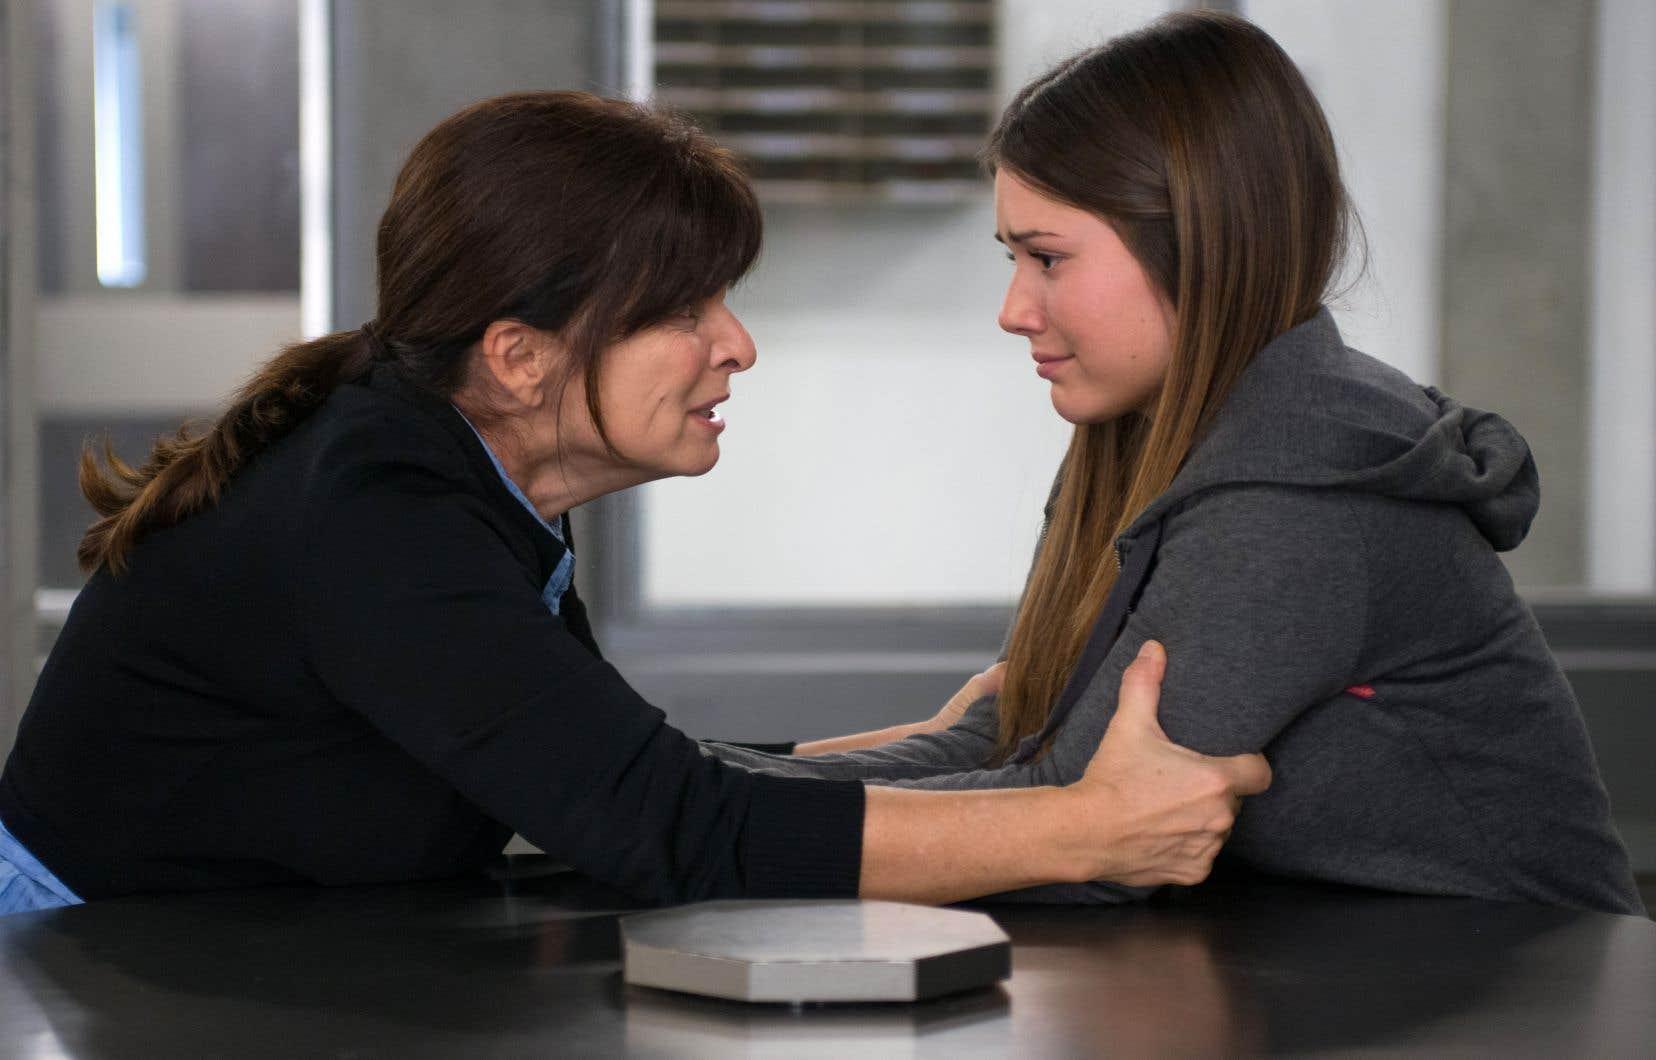 Les comédiennes Guylaine Tremblay (à gauche) et Frédérique Dufort lors d'une scène d'«Unité 9».